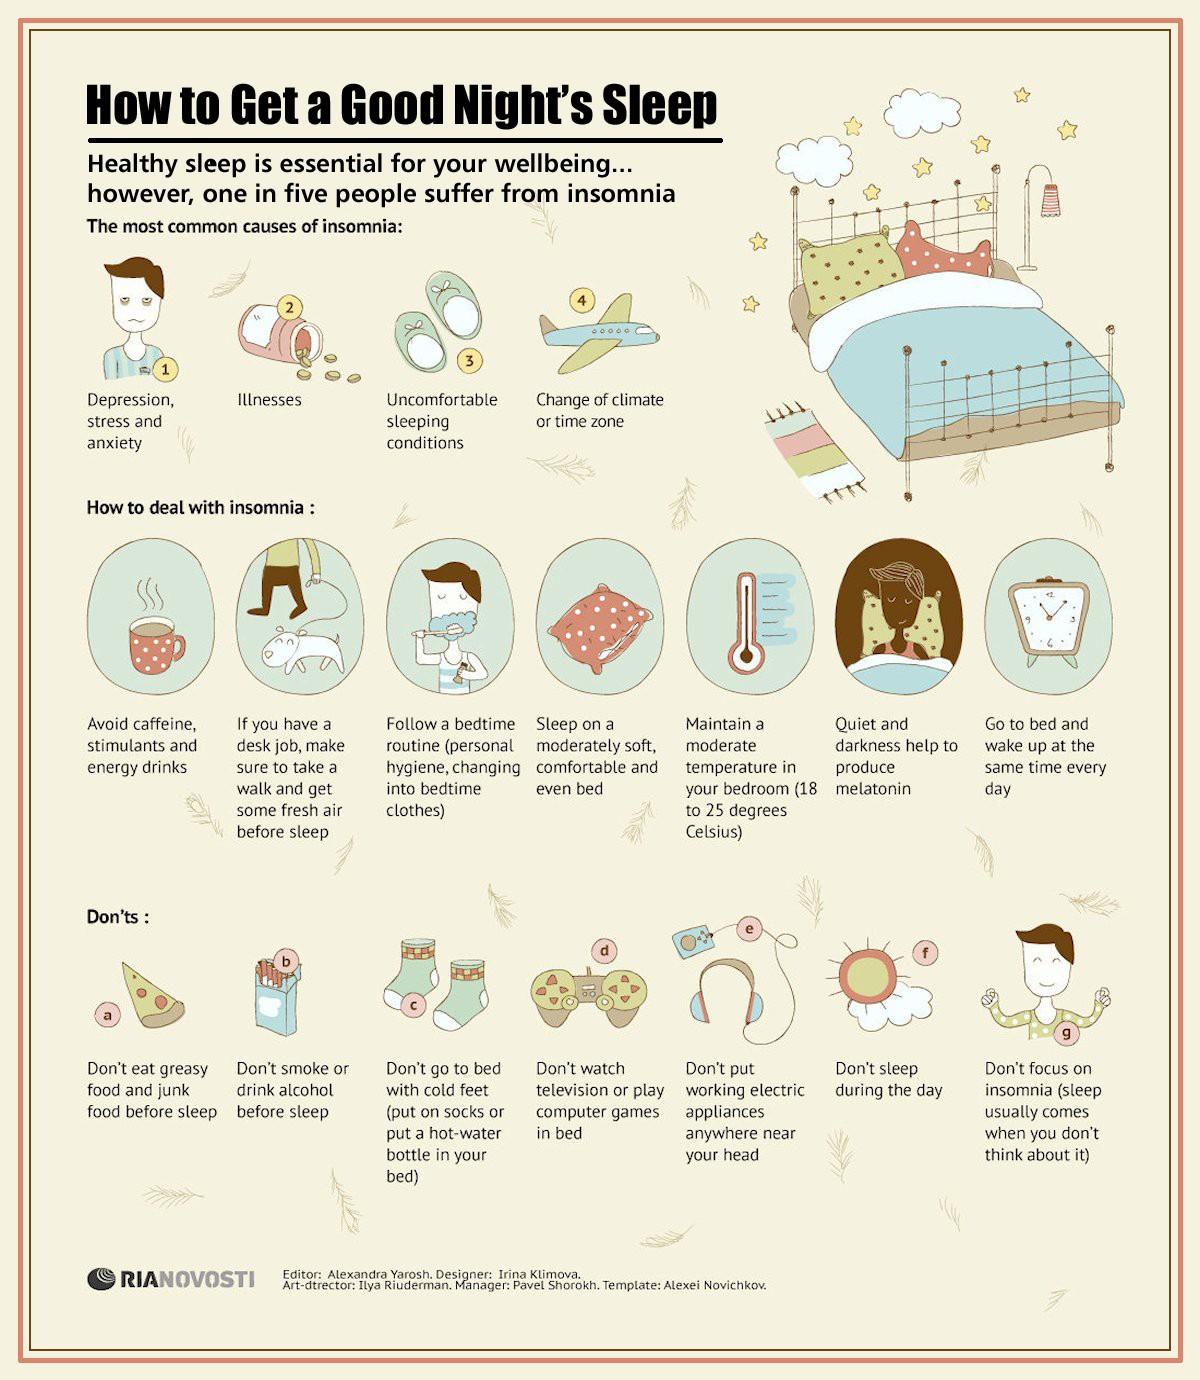 ria novosti infographics how to get a good night s 00 ria novosti infographics how to get a good night s sleep 2013